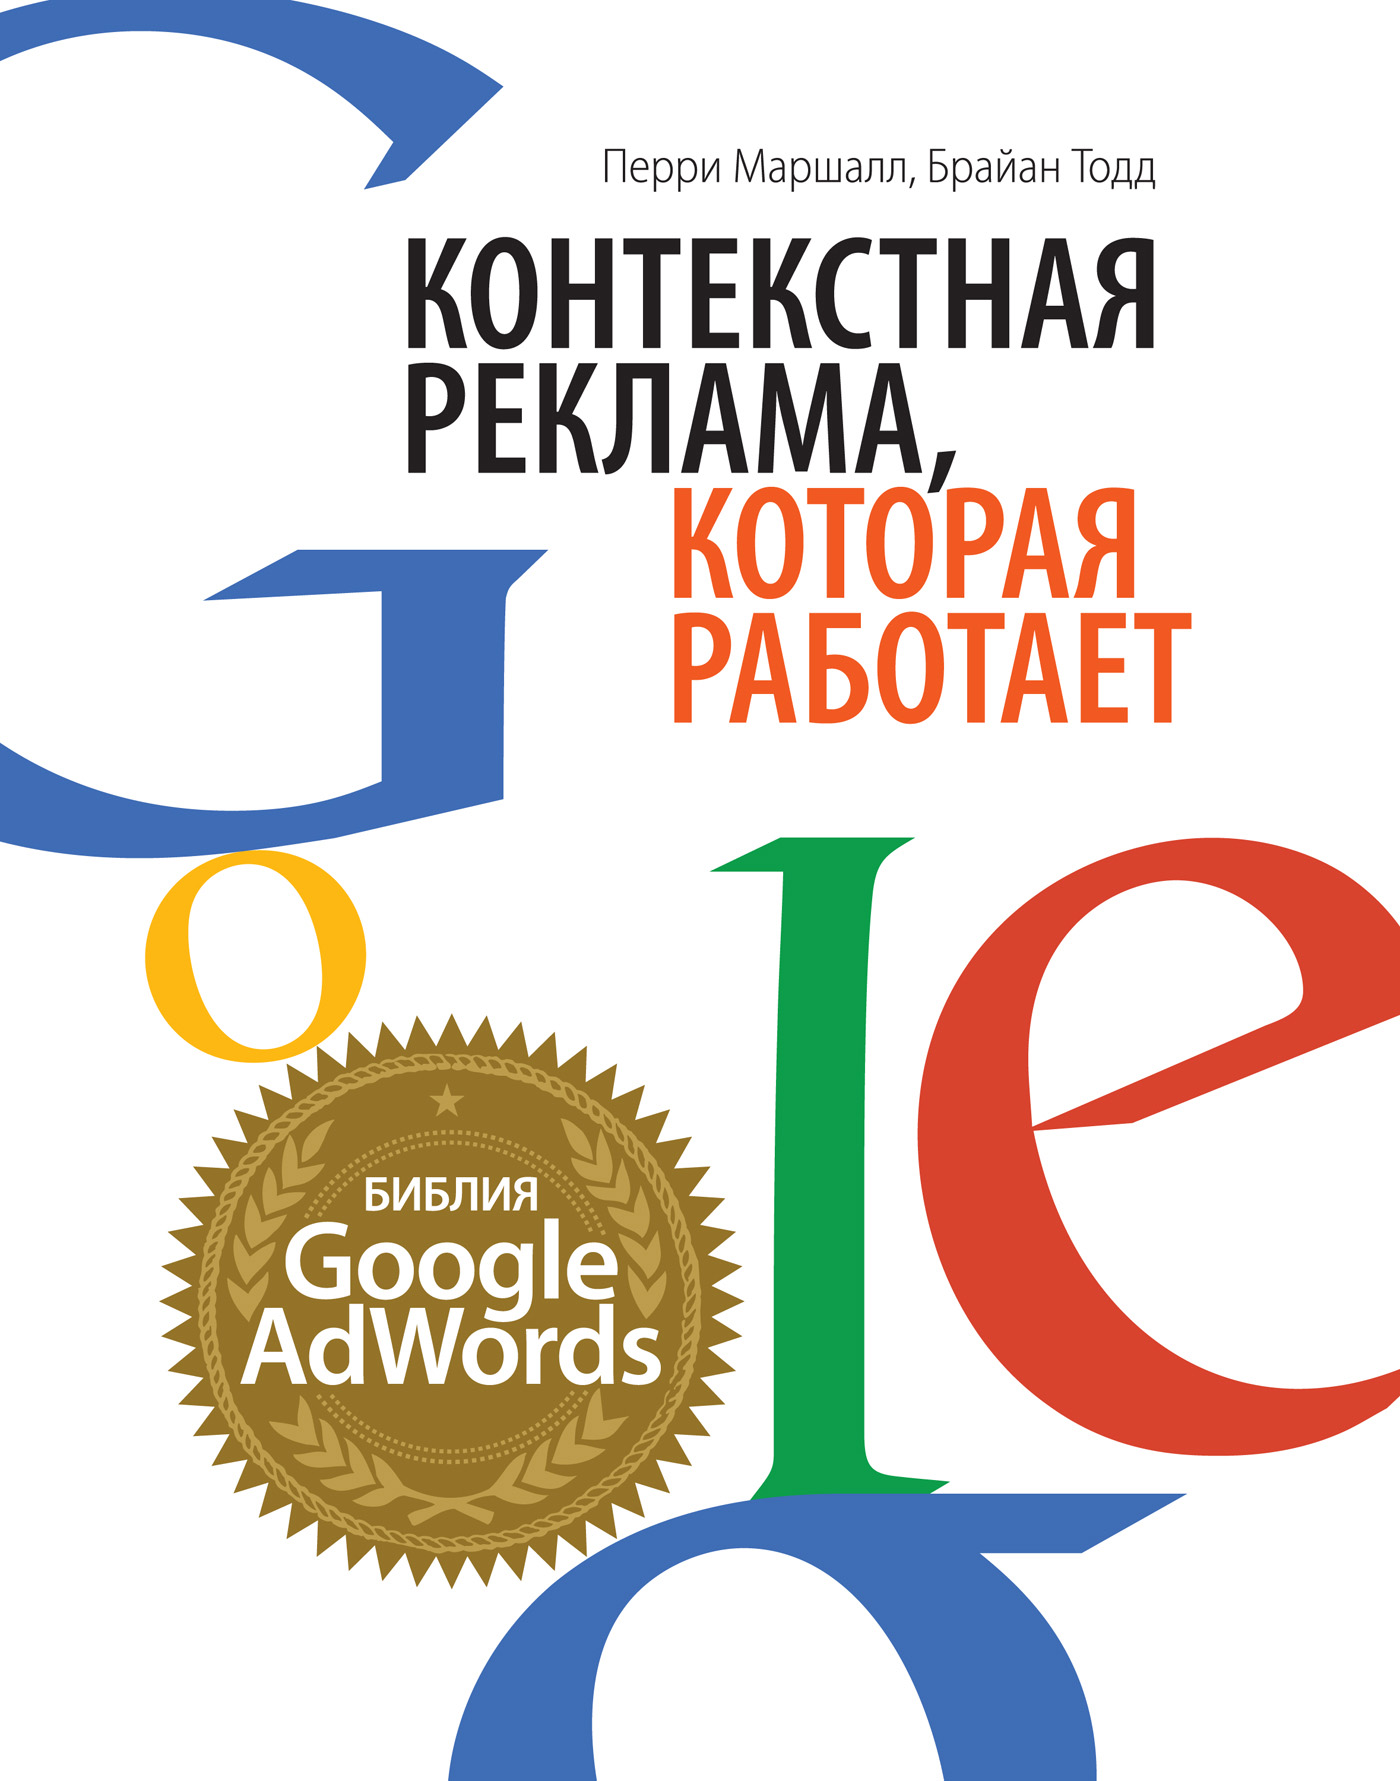 Контекстная реклама, которая работает. Библия Google AdWords